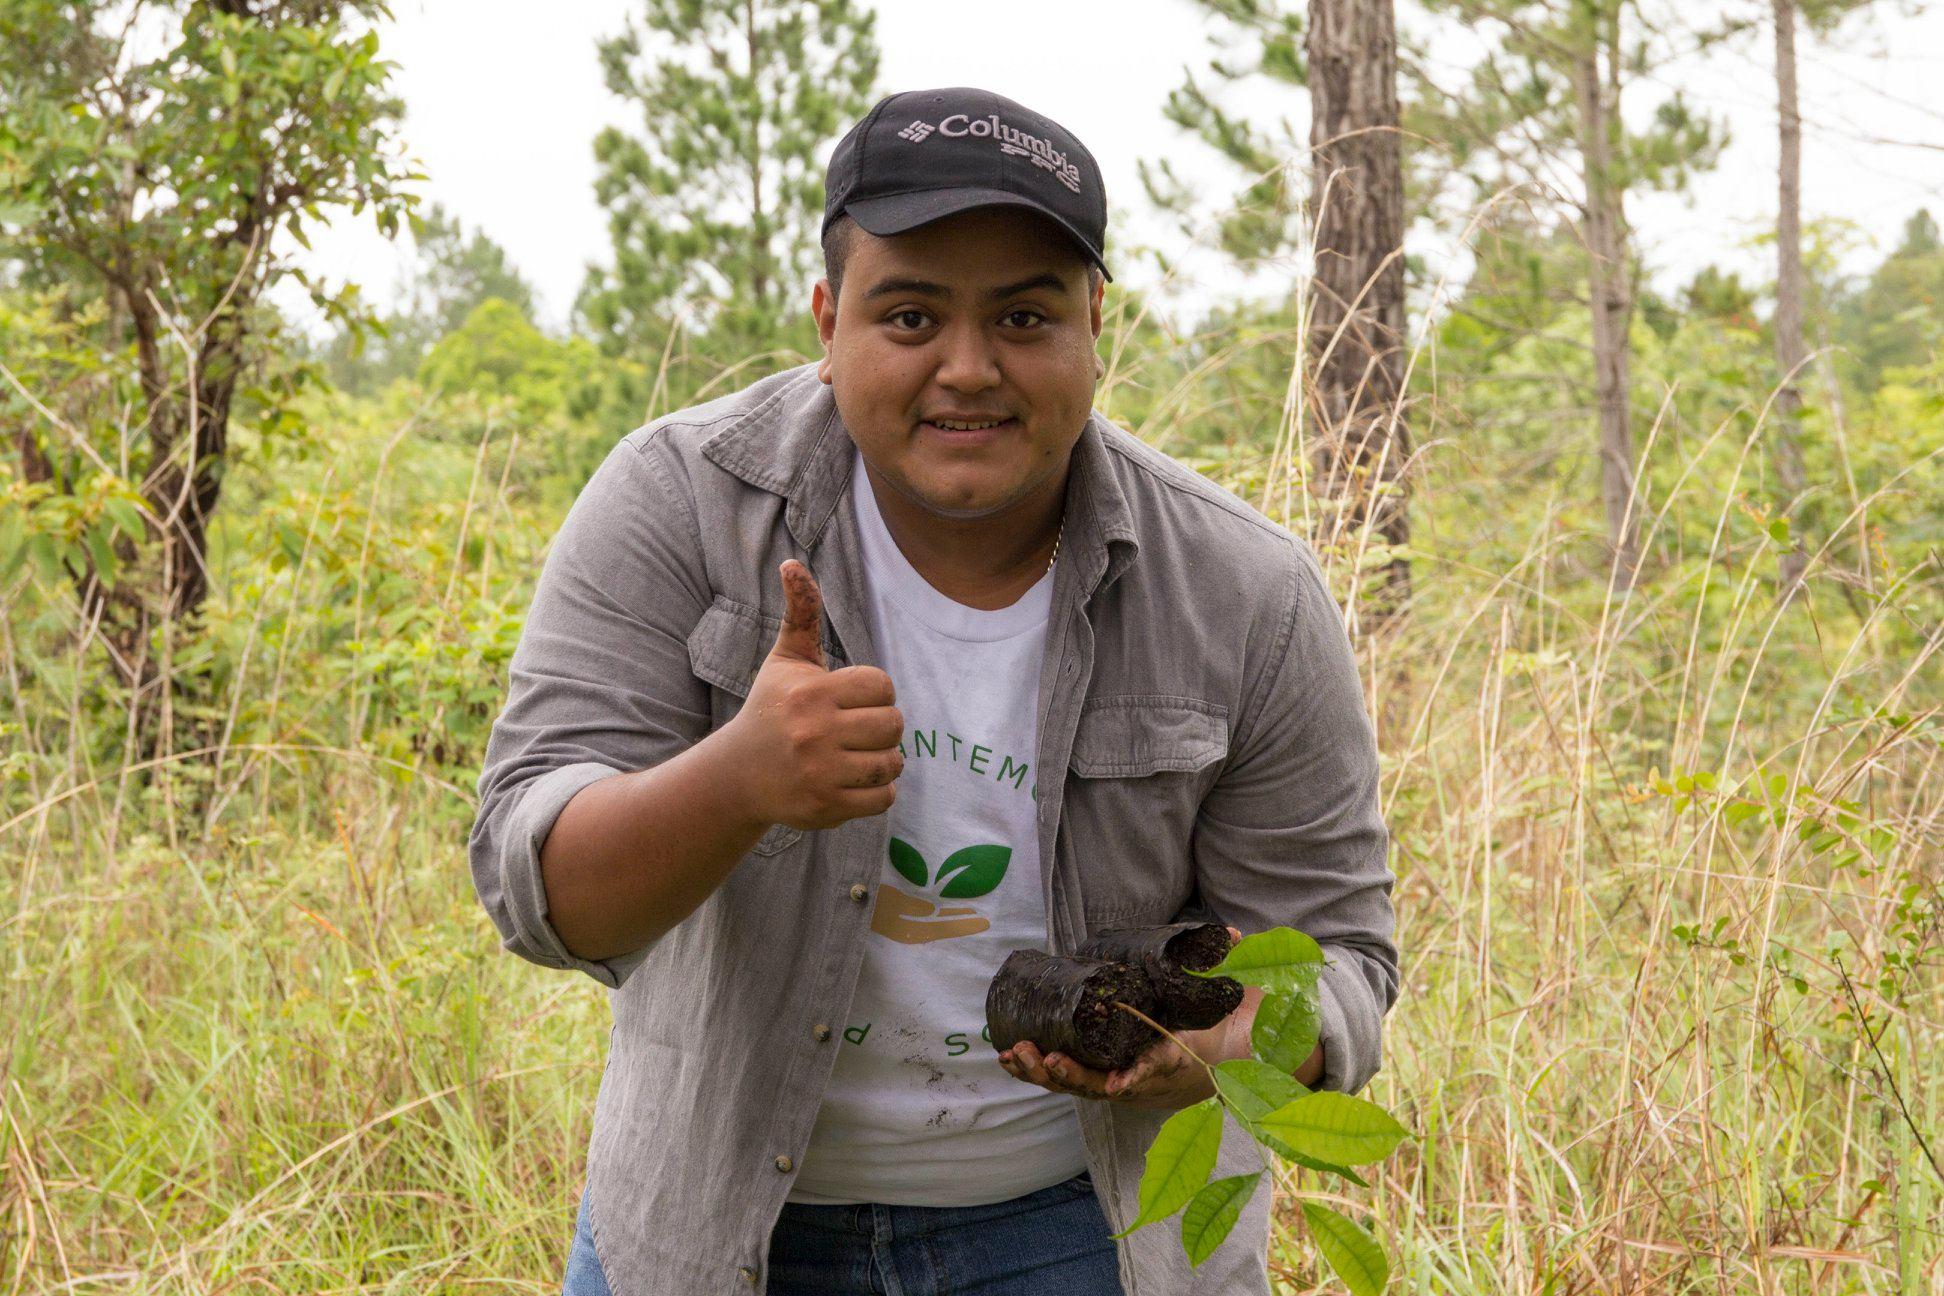 Buscan voluntarios para sembrar árboles en Guatemala en agosto y septiembre de 2019